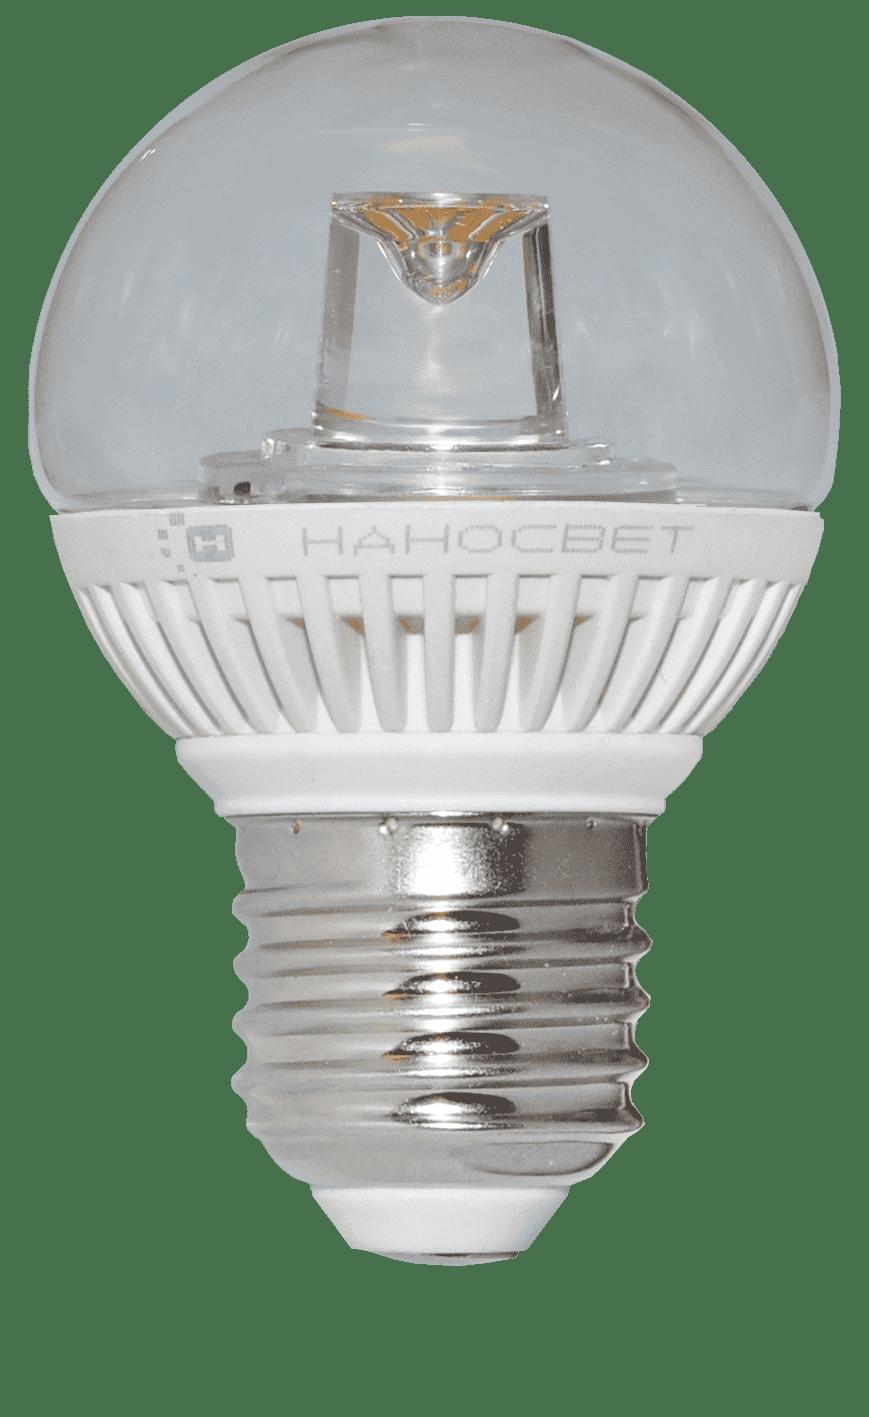 Светодиодная лампа НАНОСВЕТ LC-GCL-5/E27/840 арт. L154